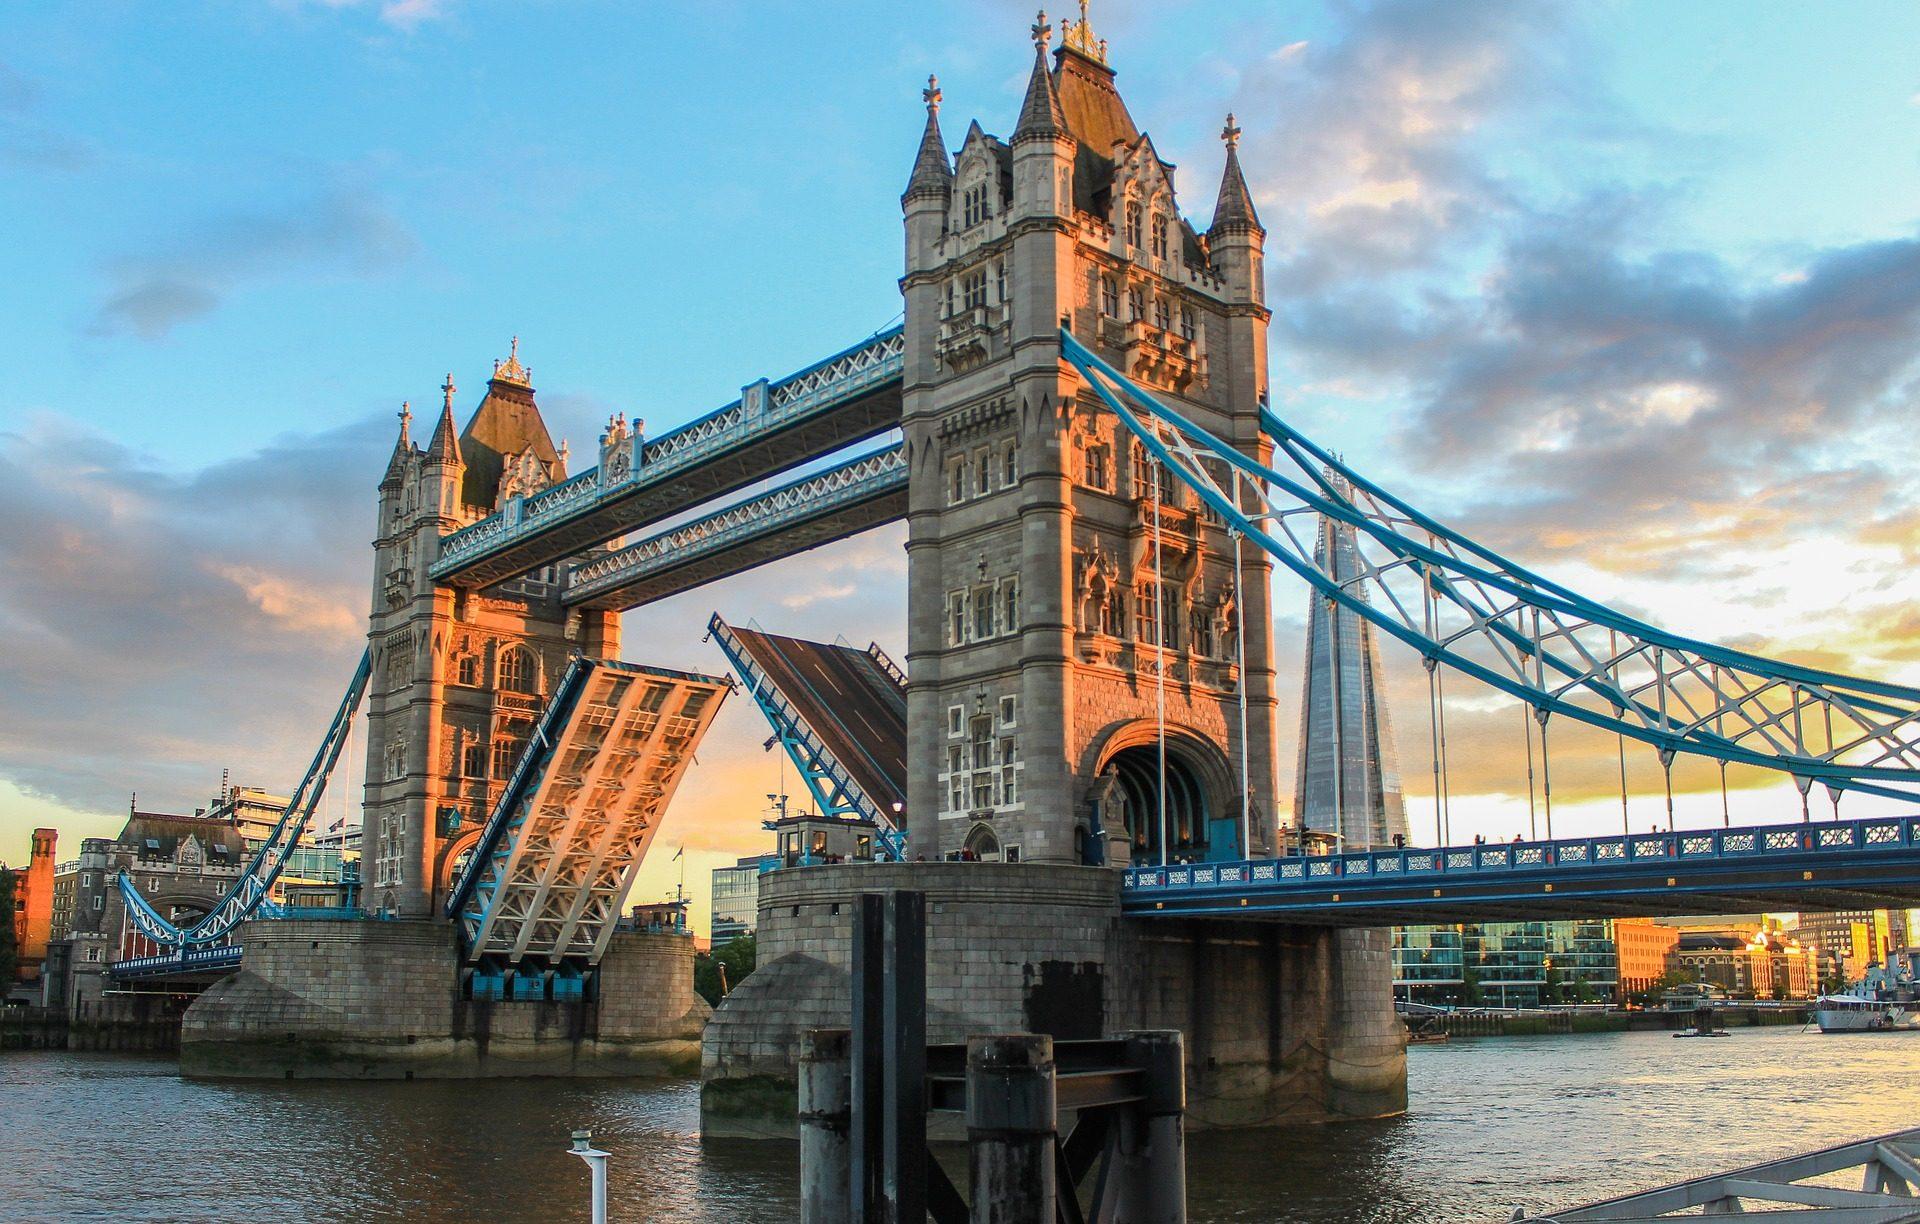 Günstige Reise nach London Hotel - ab 7,00€ die Nacht Flüge ab 7,82 € 1